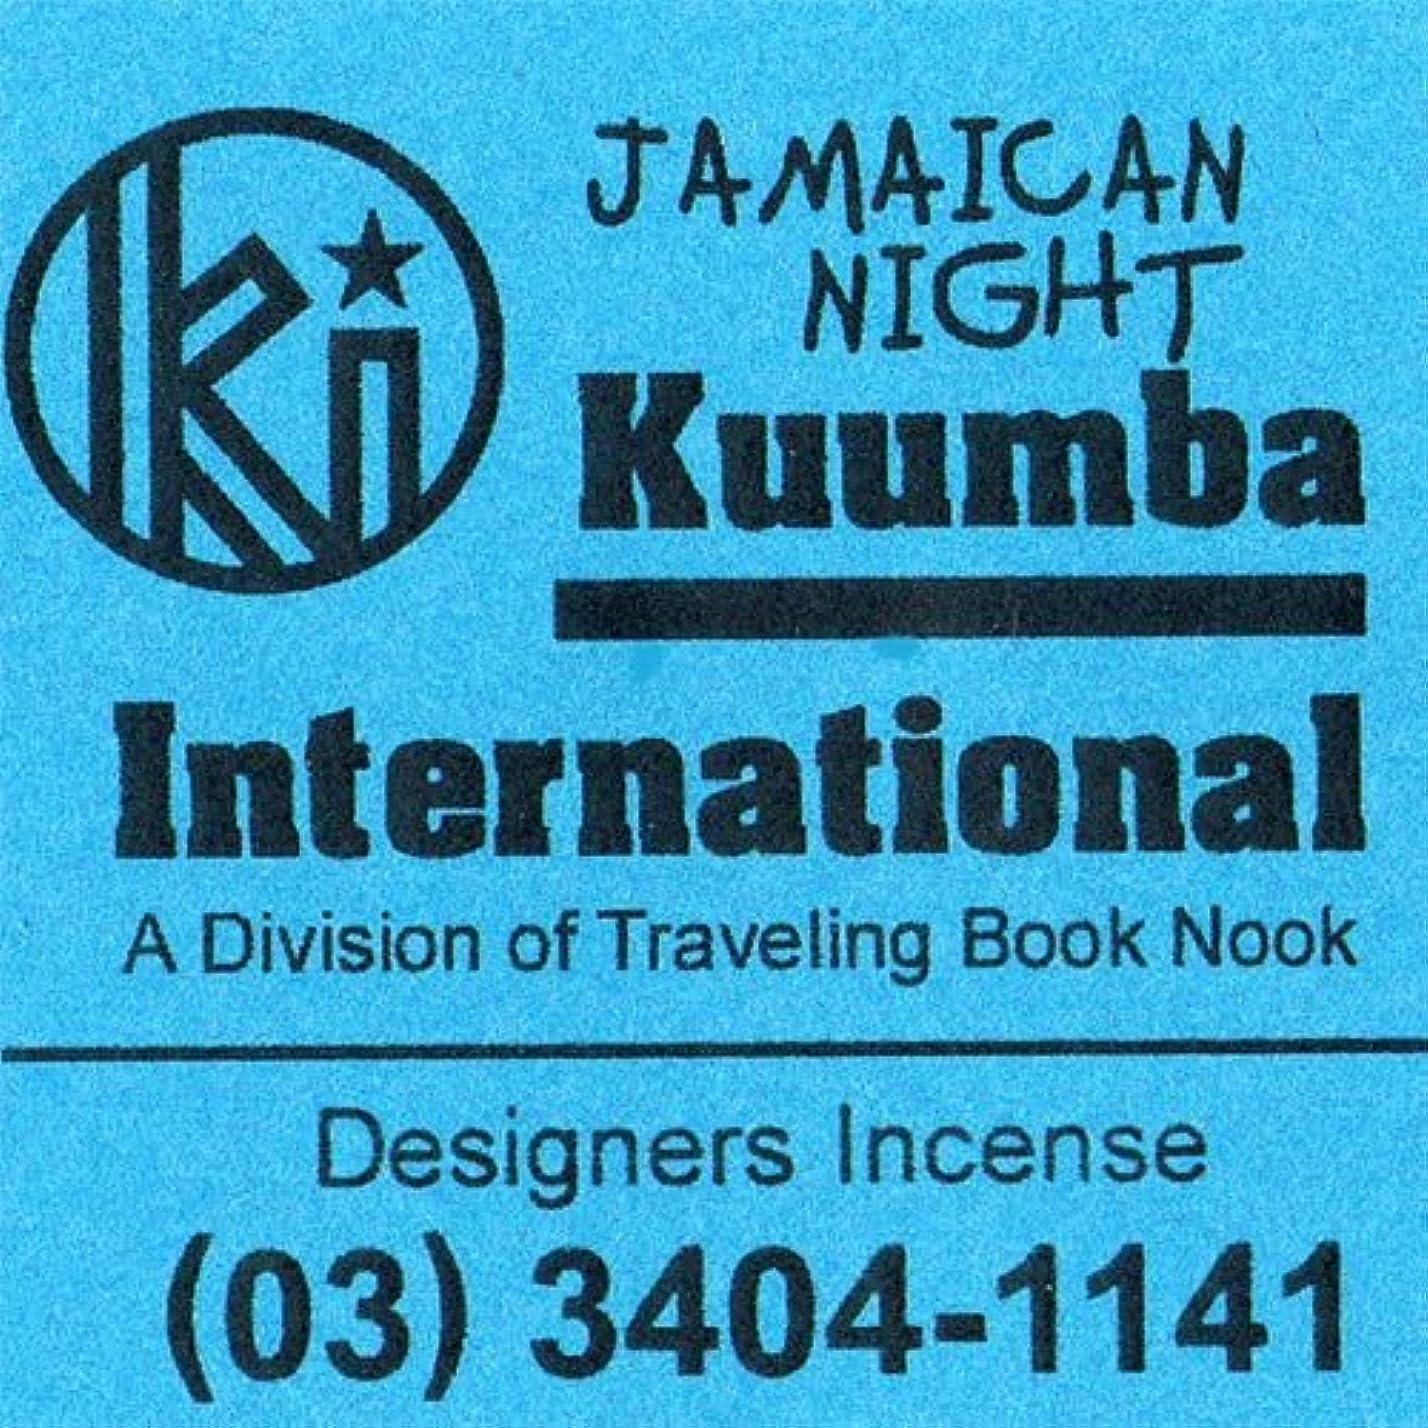 酔ってプラカードテニスKUUMBA / クンバ『incense』(JAMAICAN NIGHT) (Regular size)